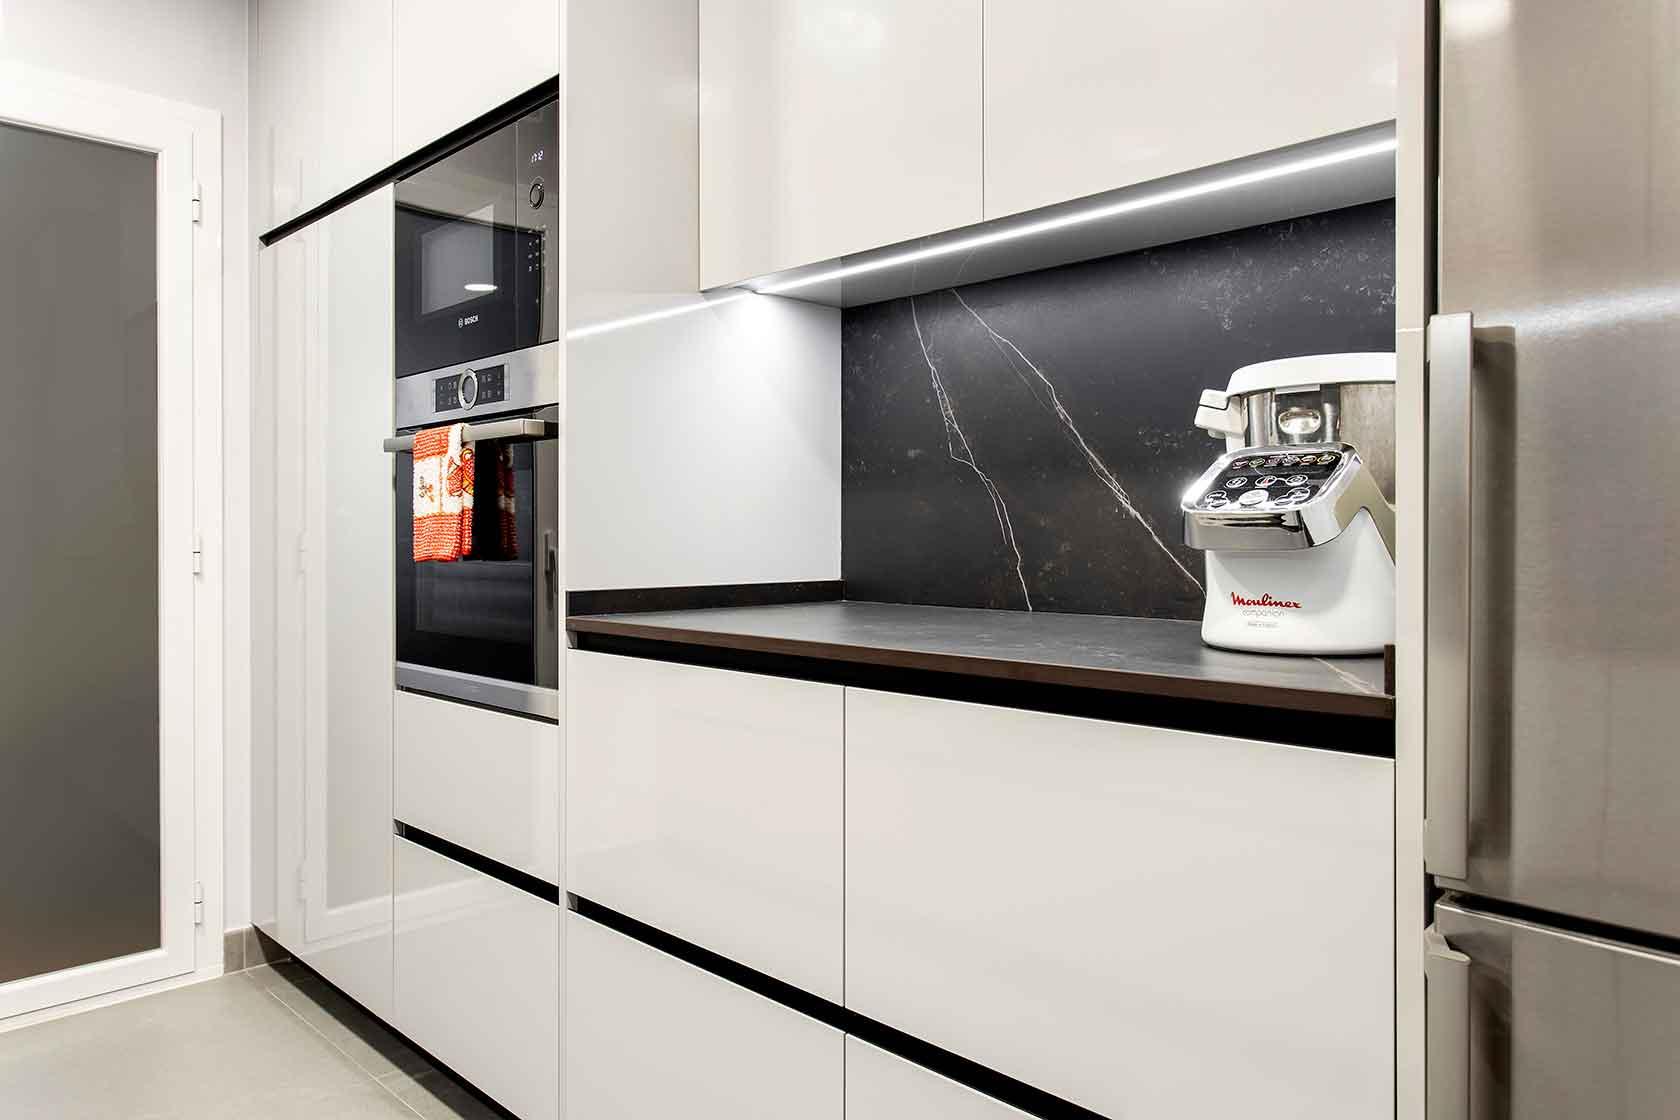 Encimera y horno cocina reformado